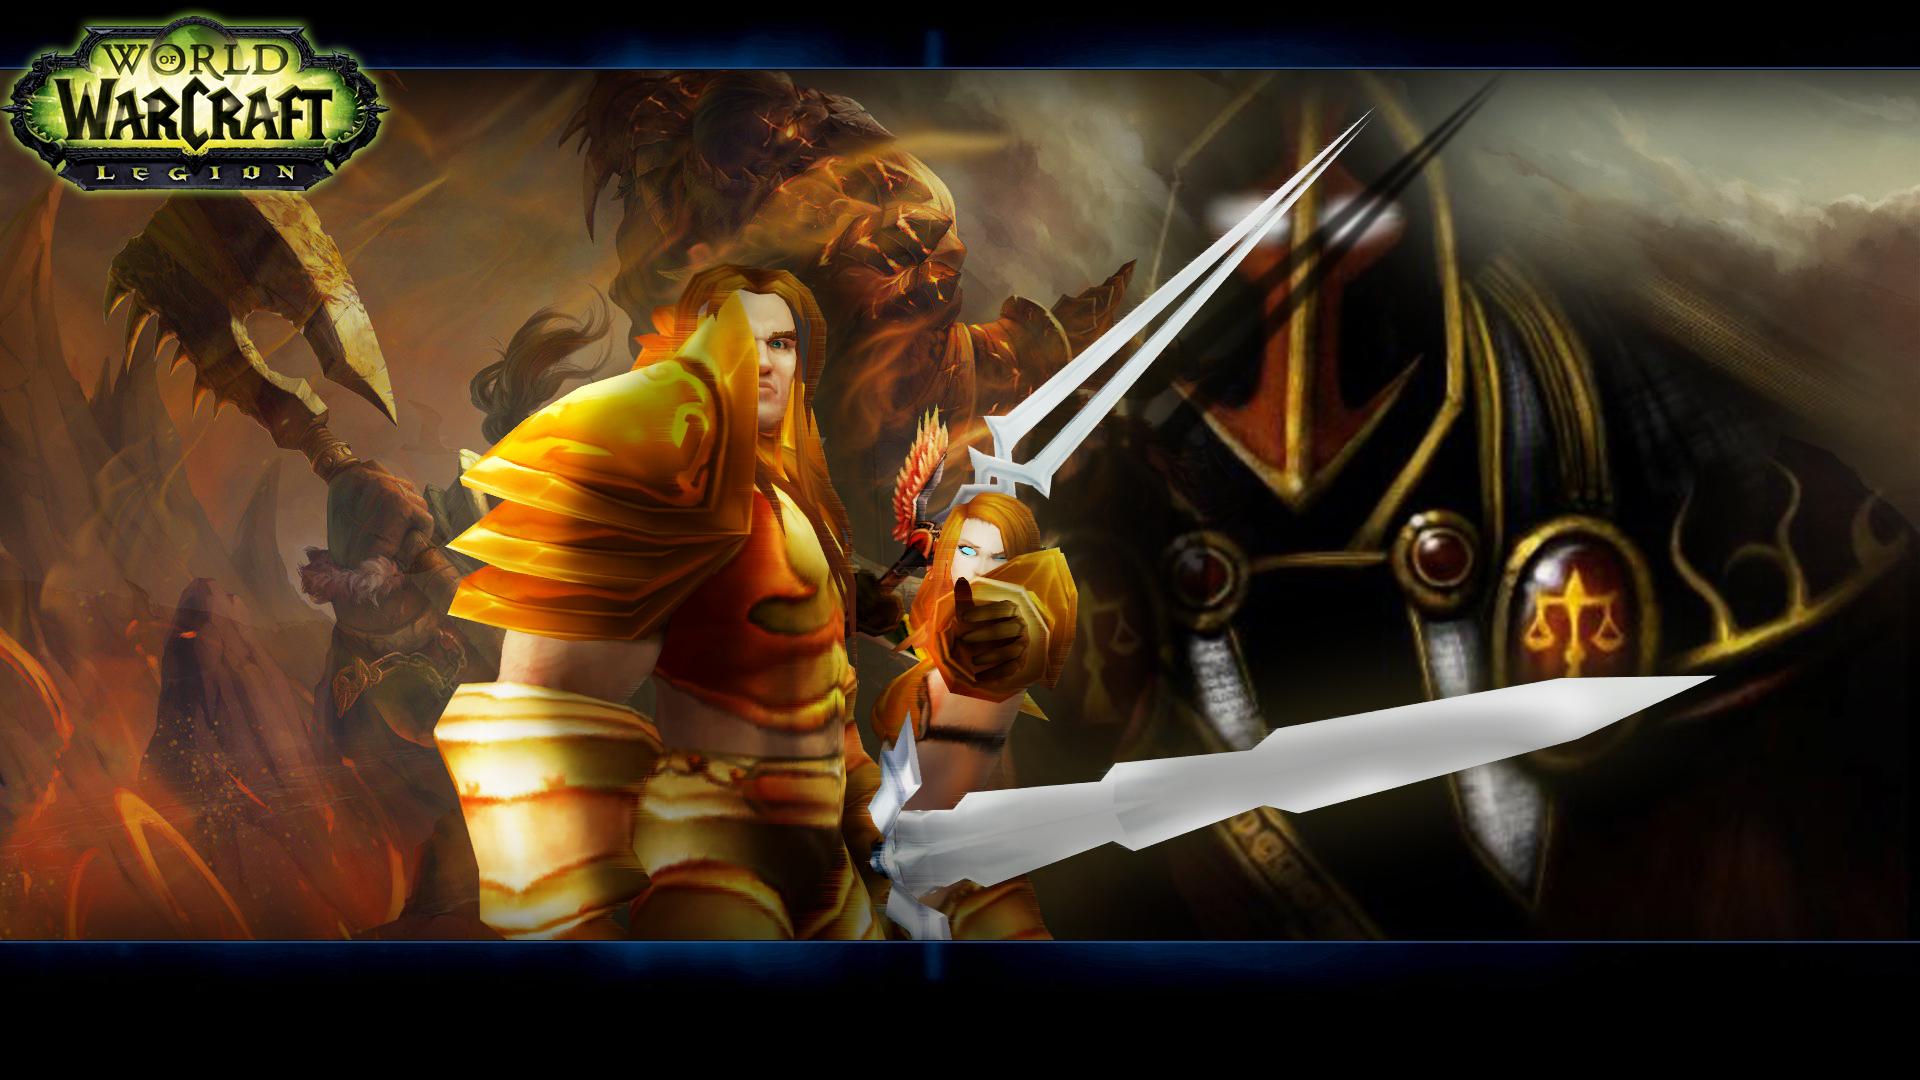 魔兽玩家自制英雄榜人物角色桌面壁纸作品分享